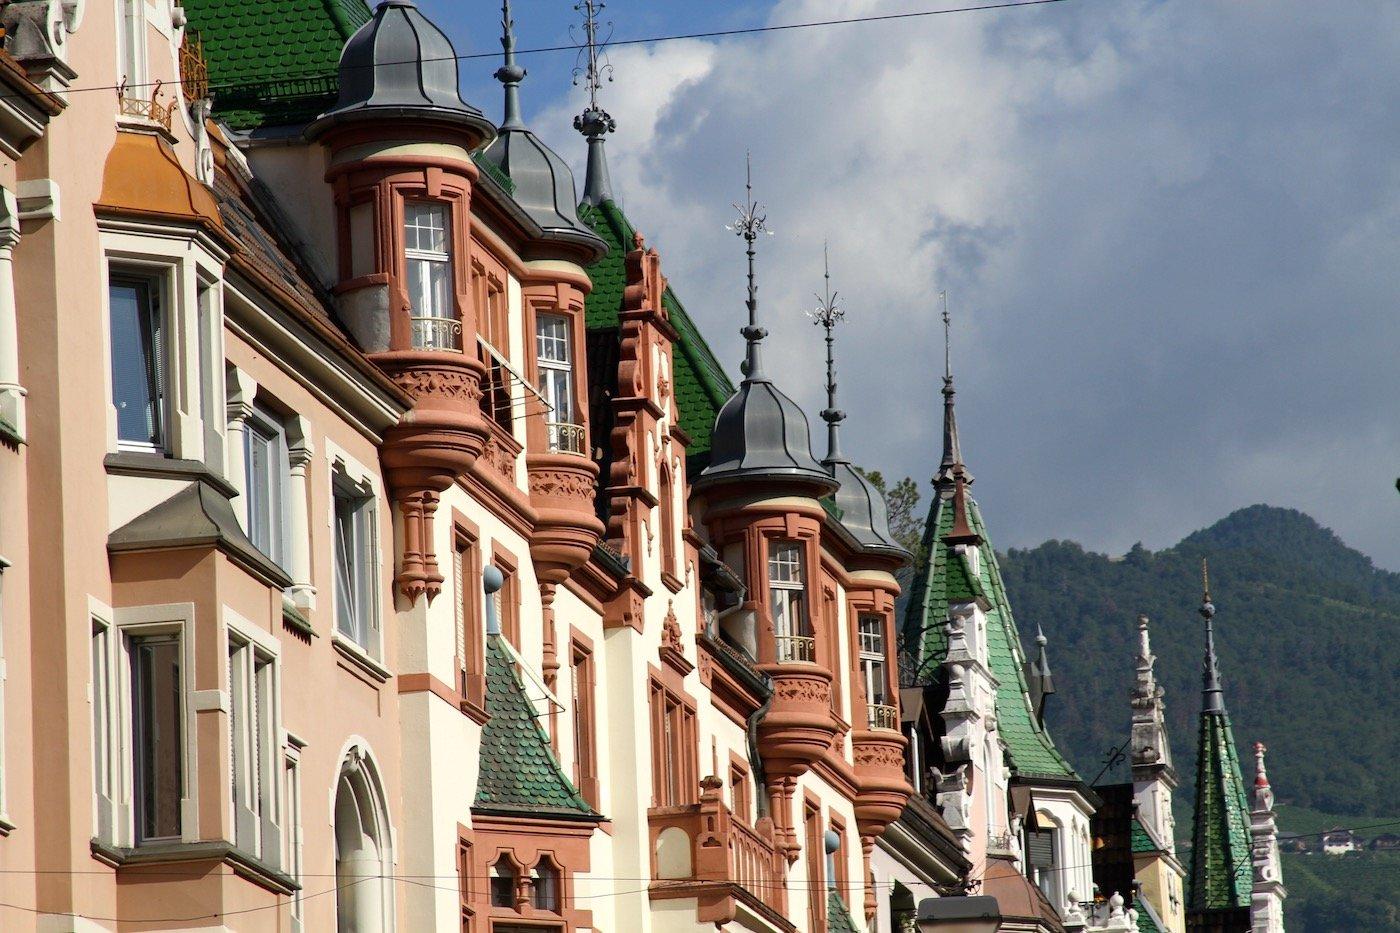 Things to do in Bolzano, Italy